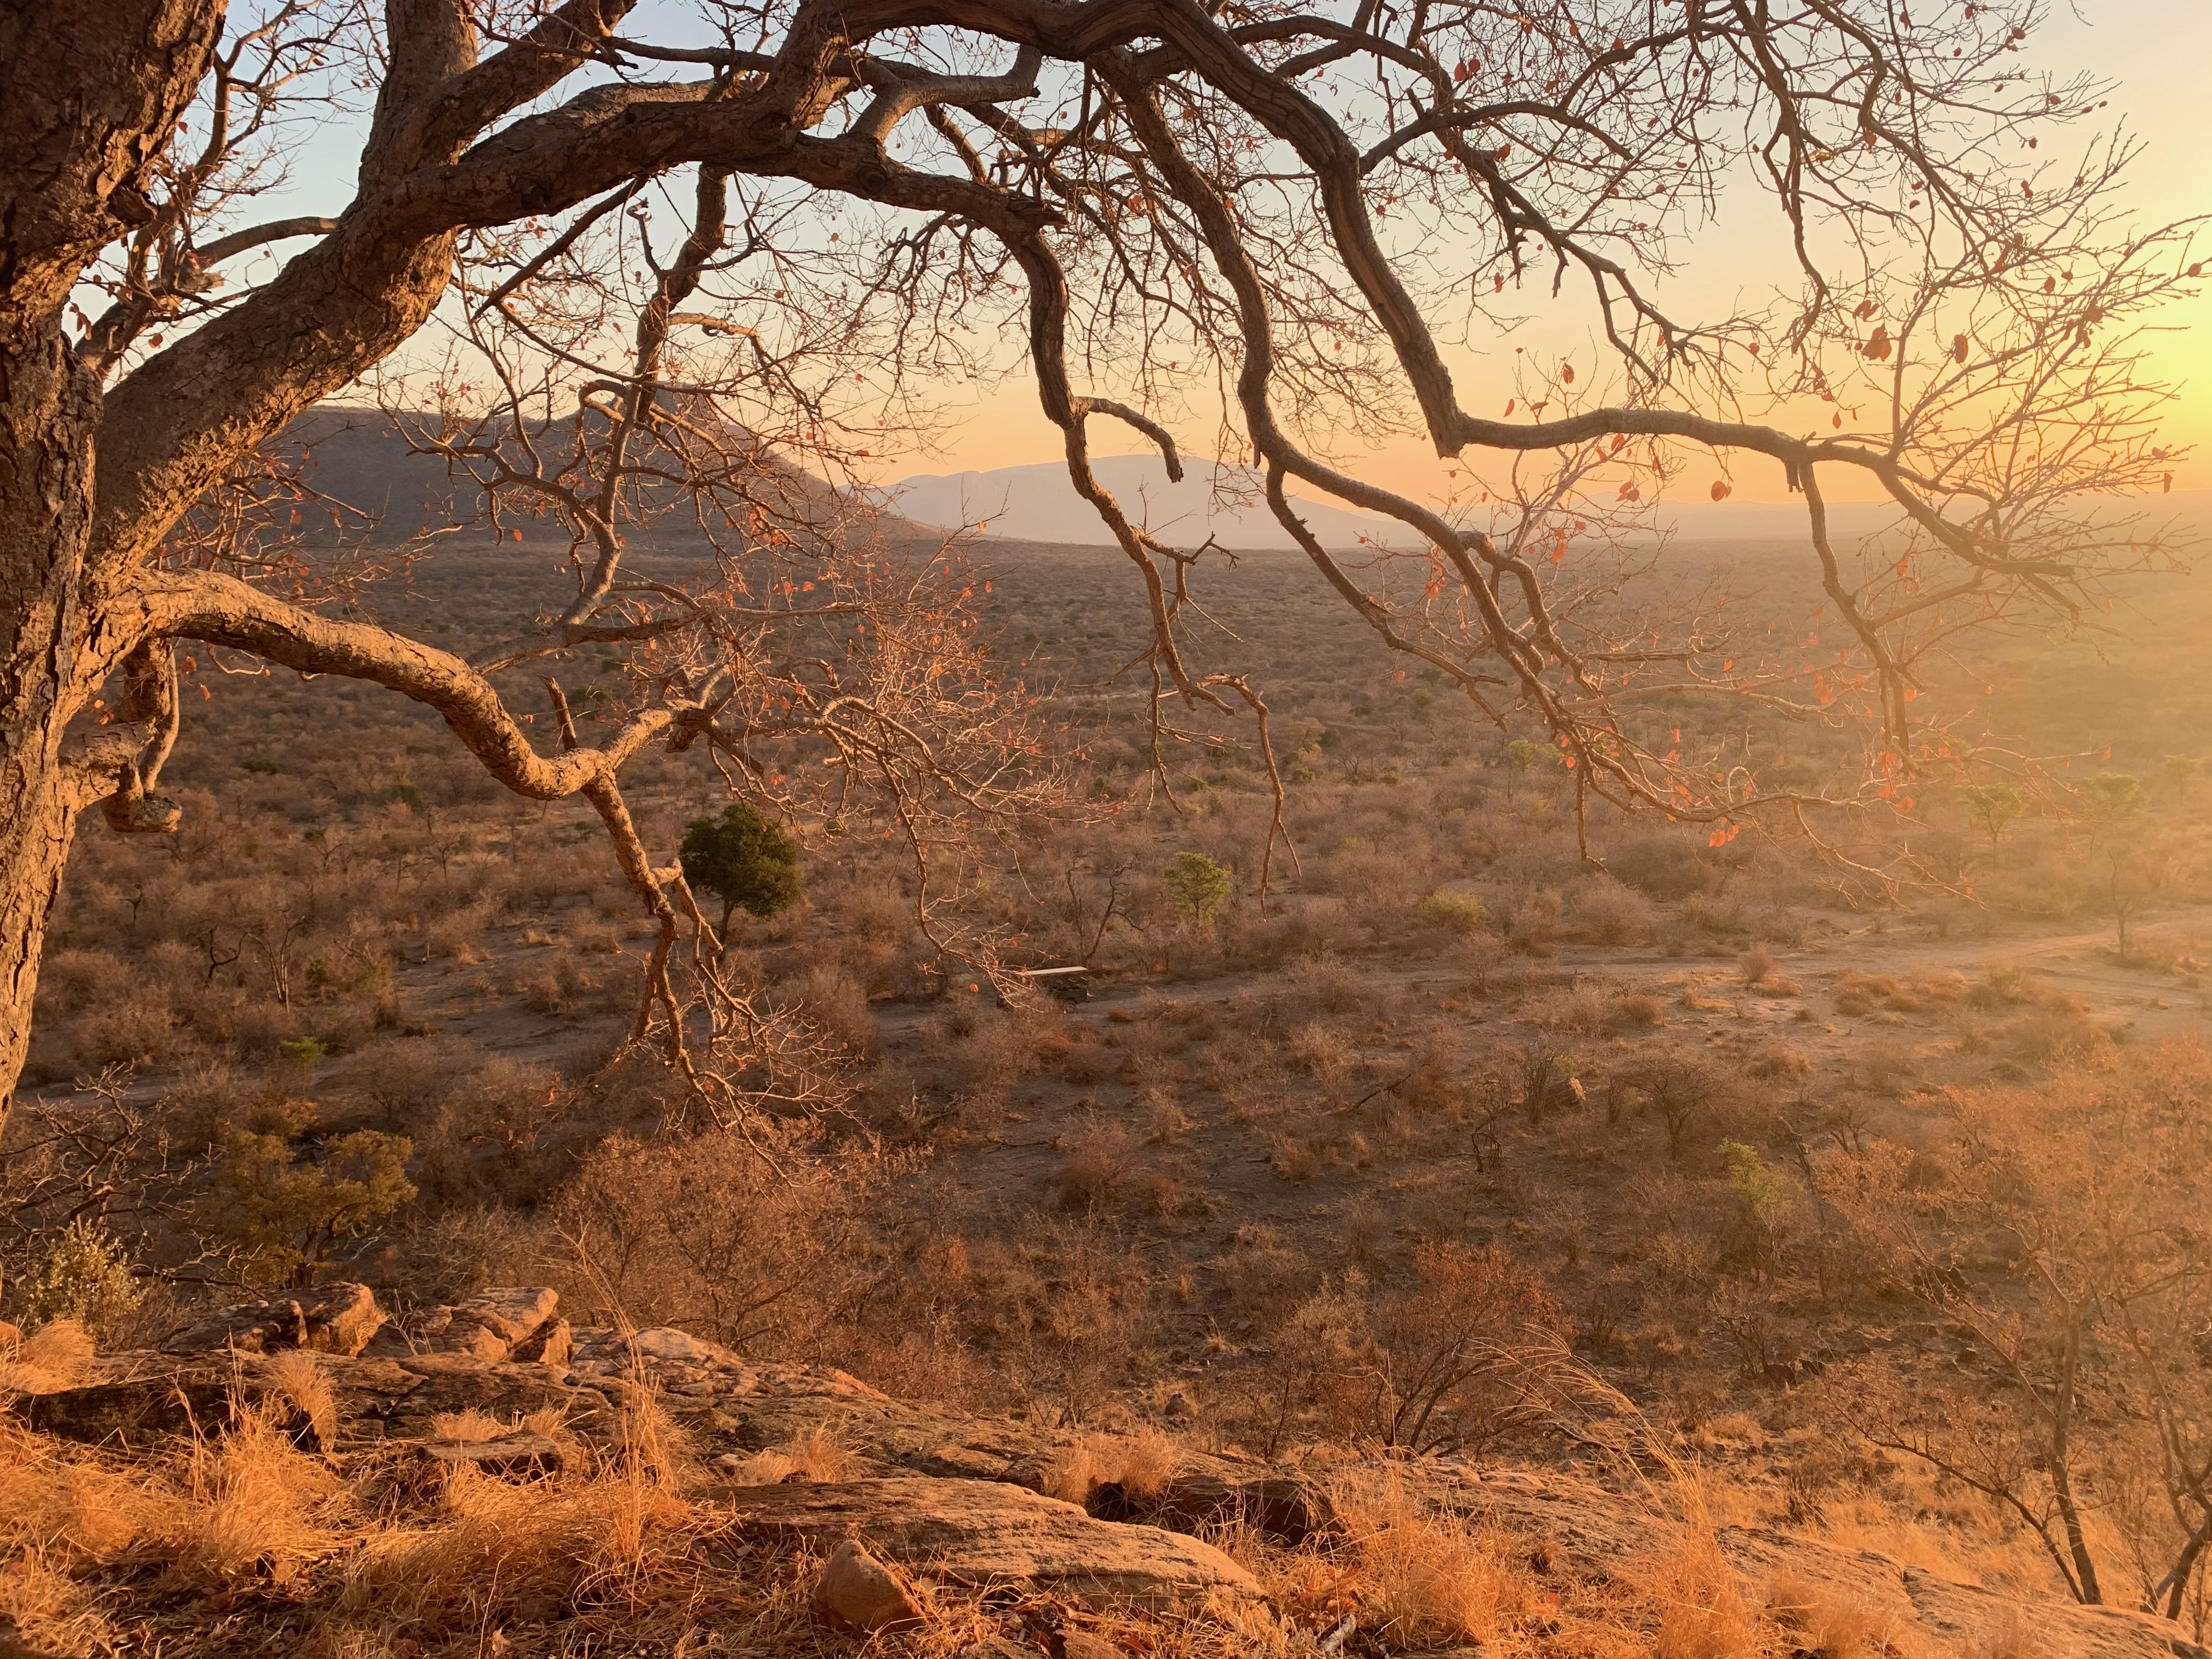 Marataba_landscape